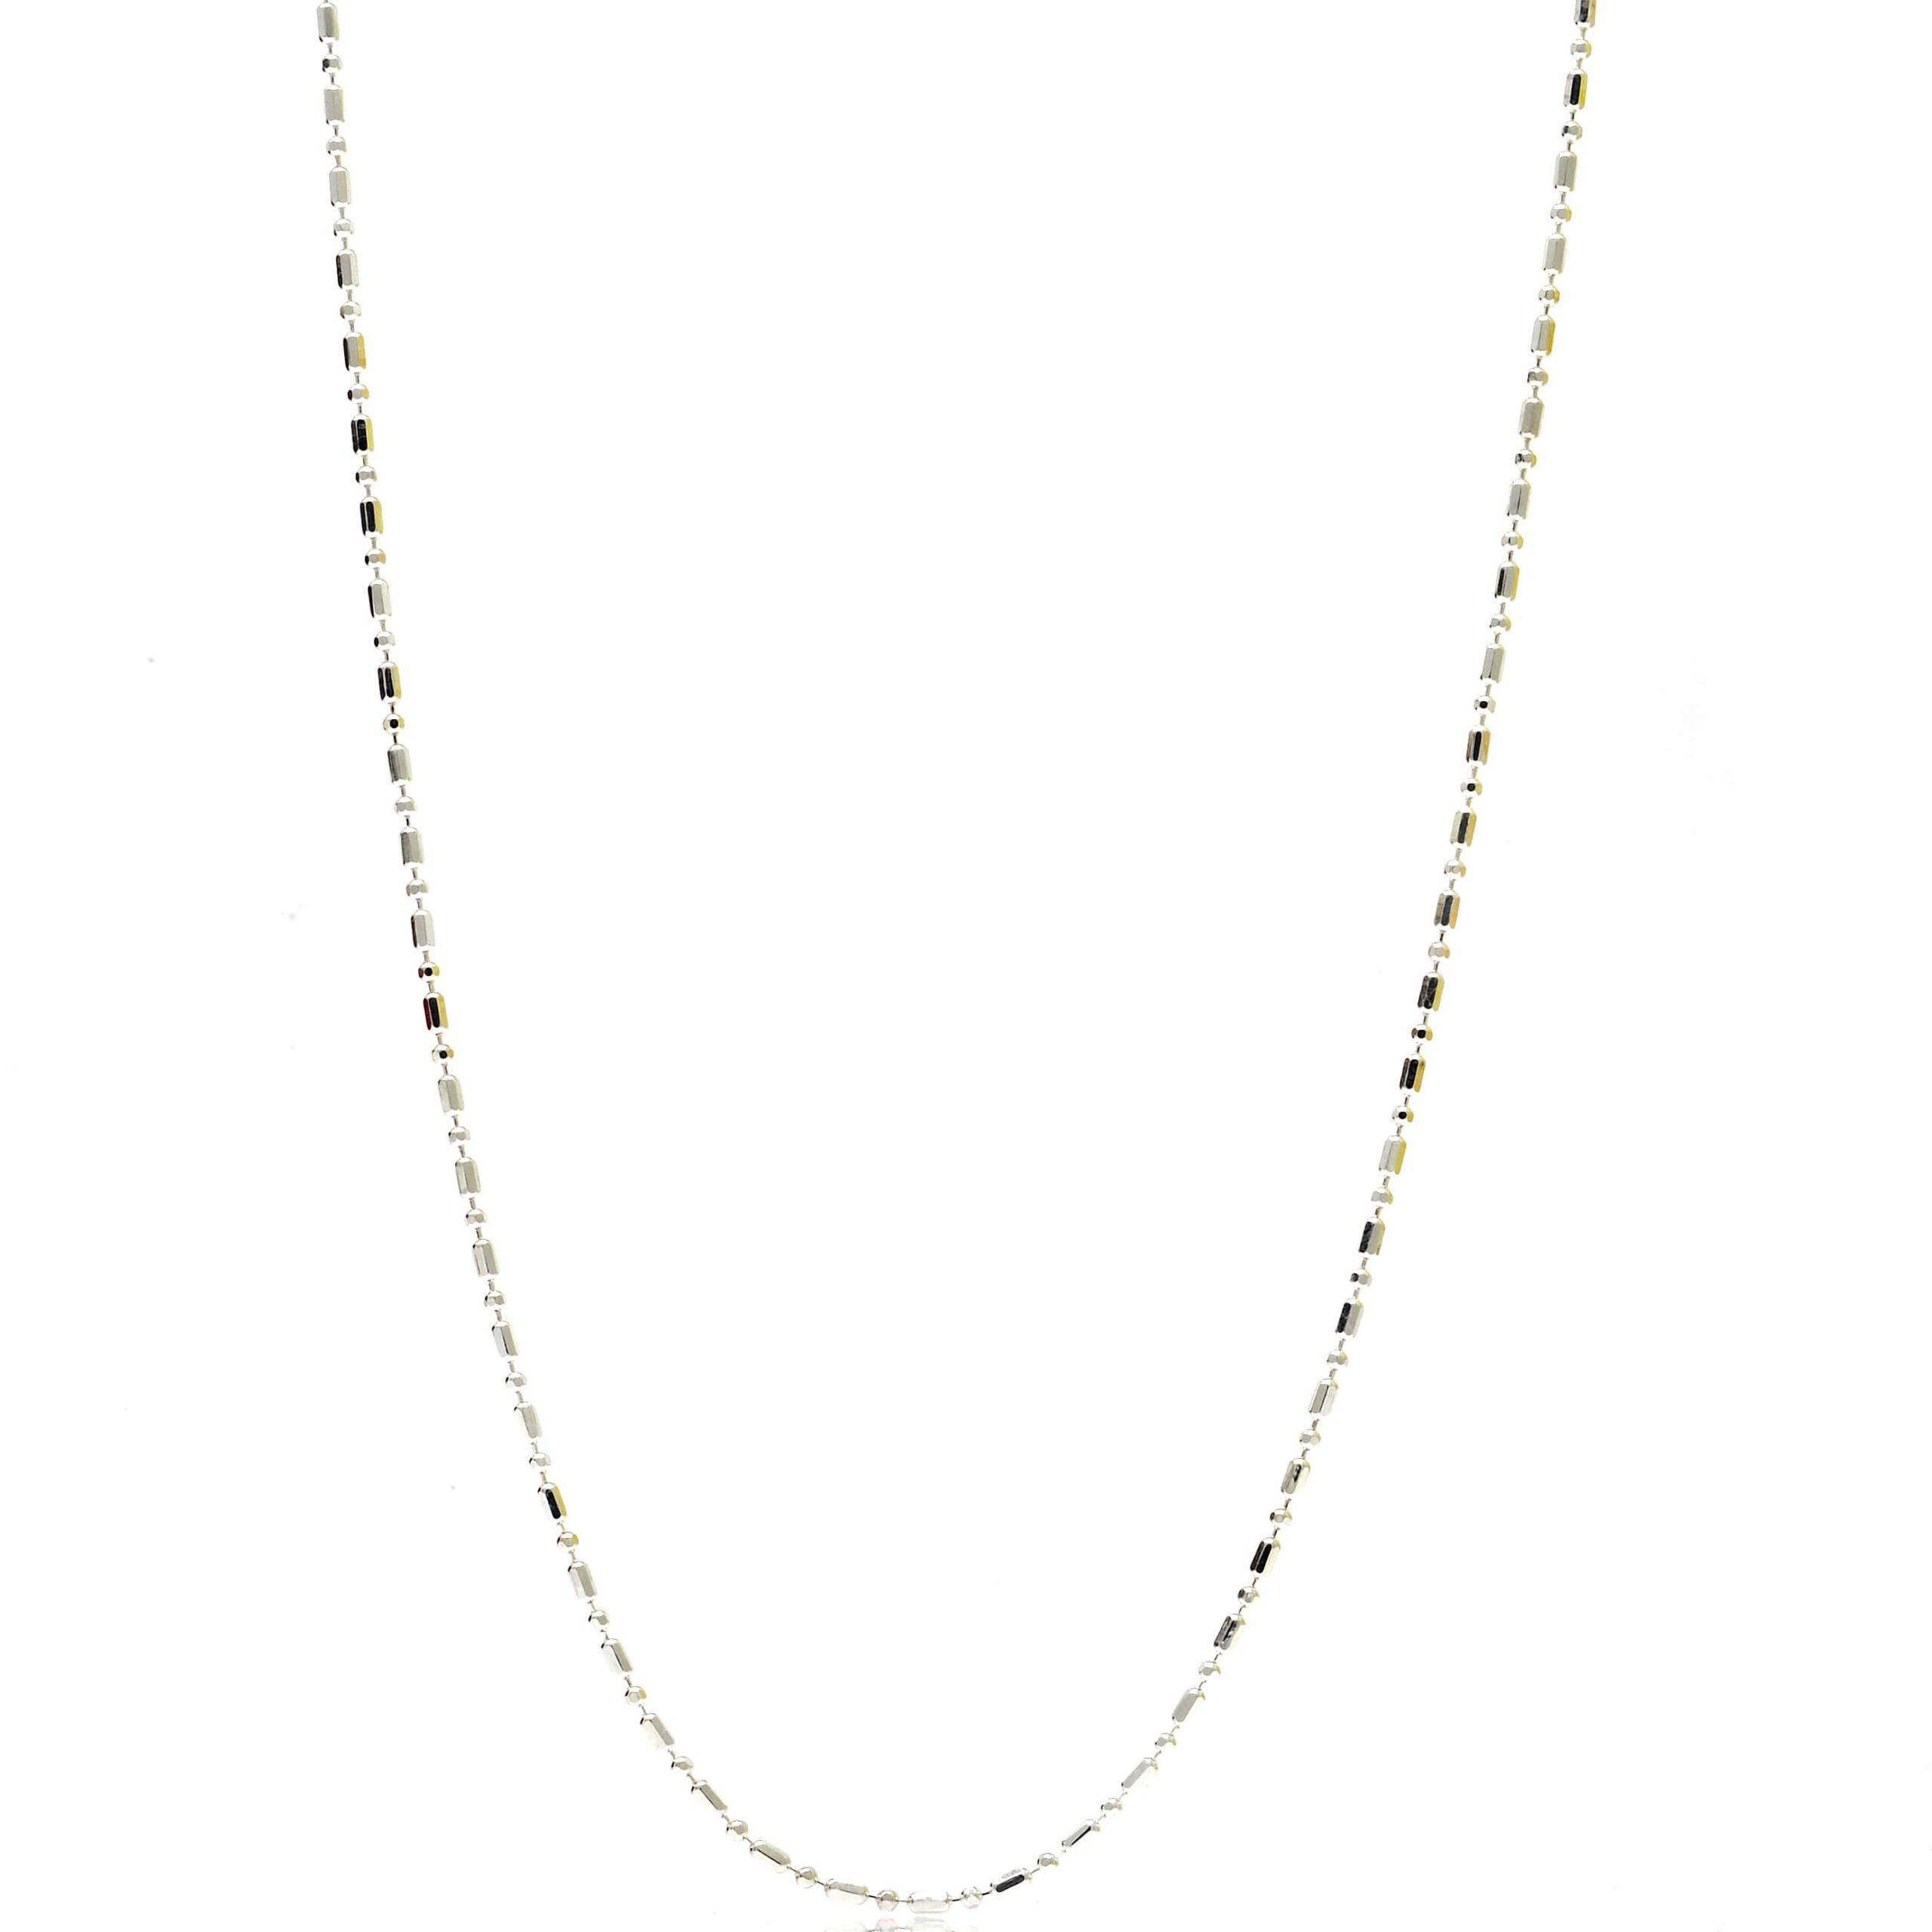 Chaine fine fantaisie 1.1 MM 45 CM-min